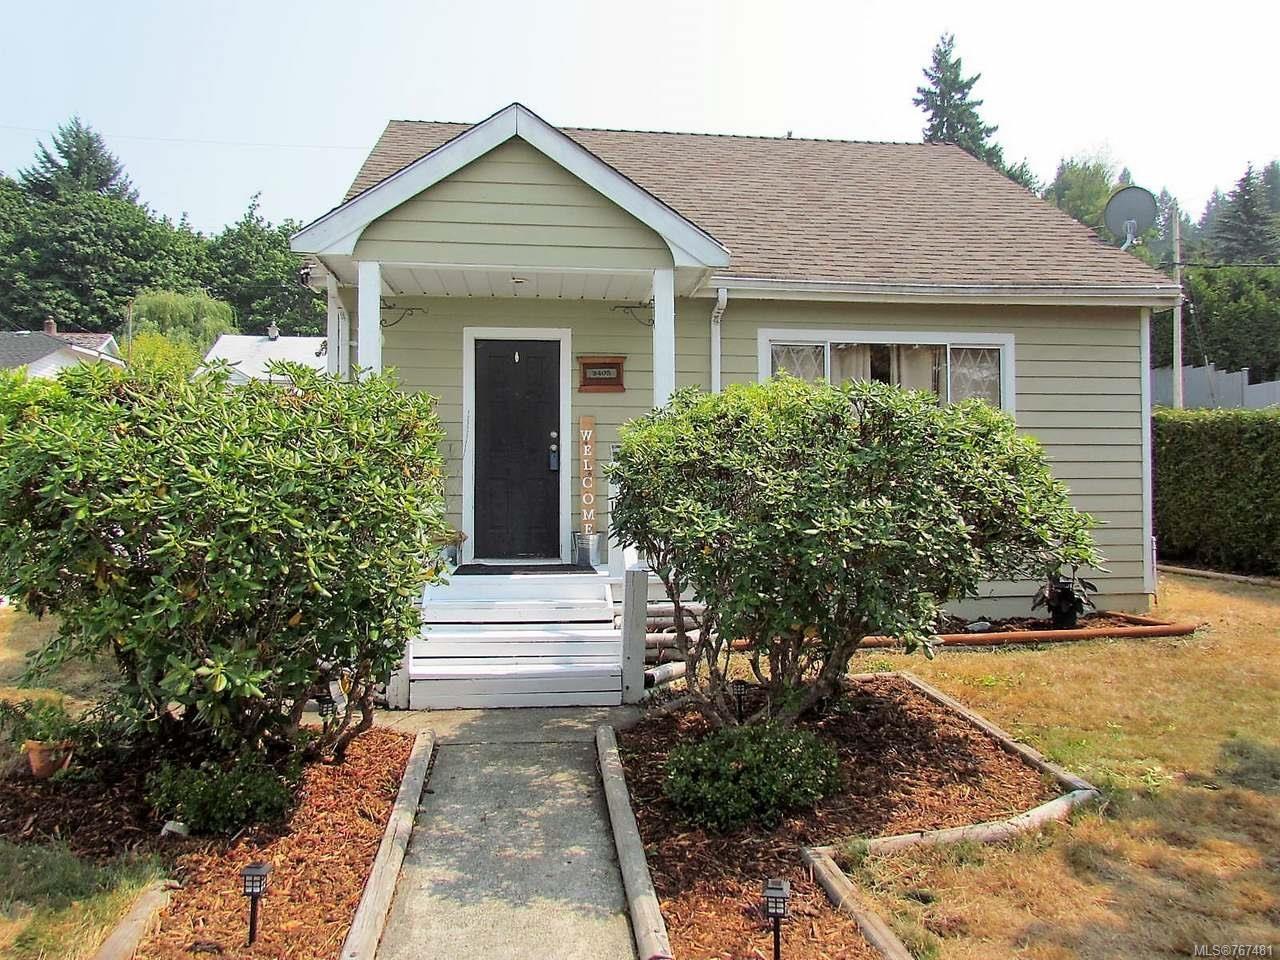 Main Photo: 2403 11TH Avenue in PORT ALBERNI: PA Port Alberni House for sale (Port Alberni)  : MLS®# 767481